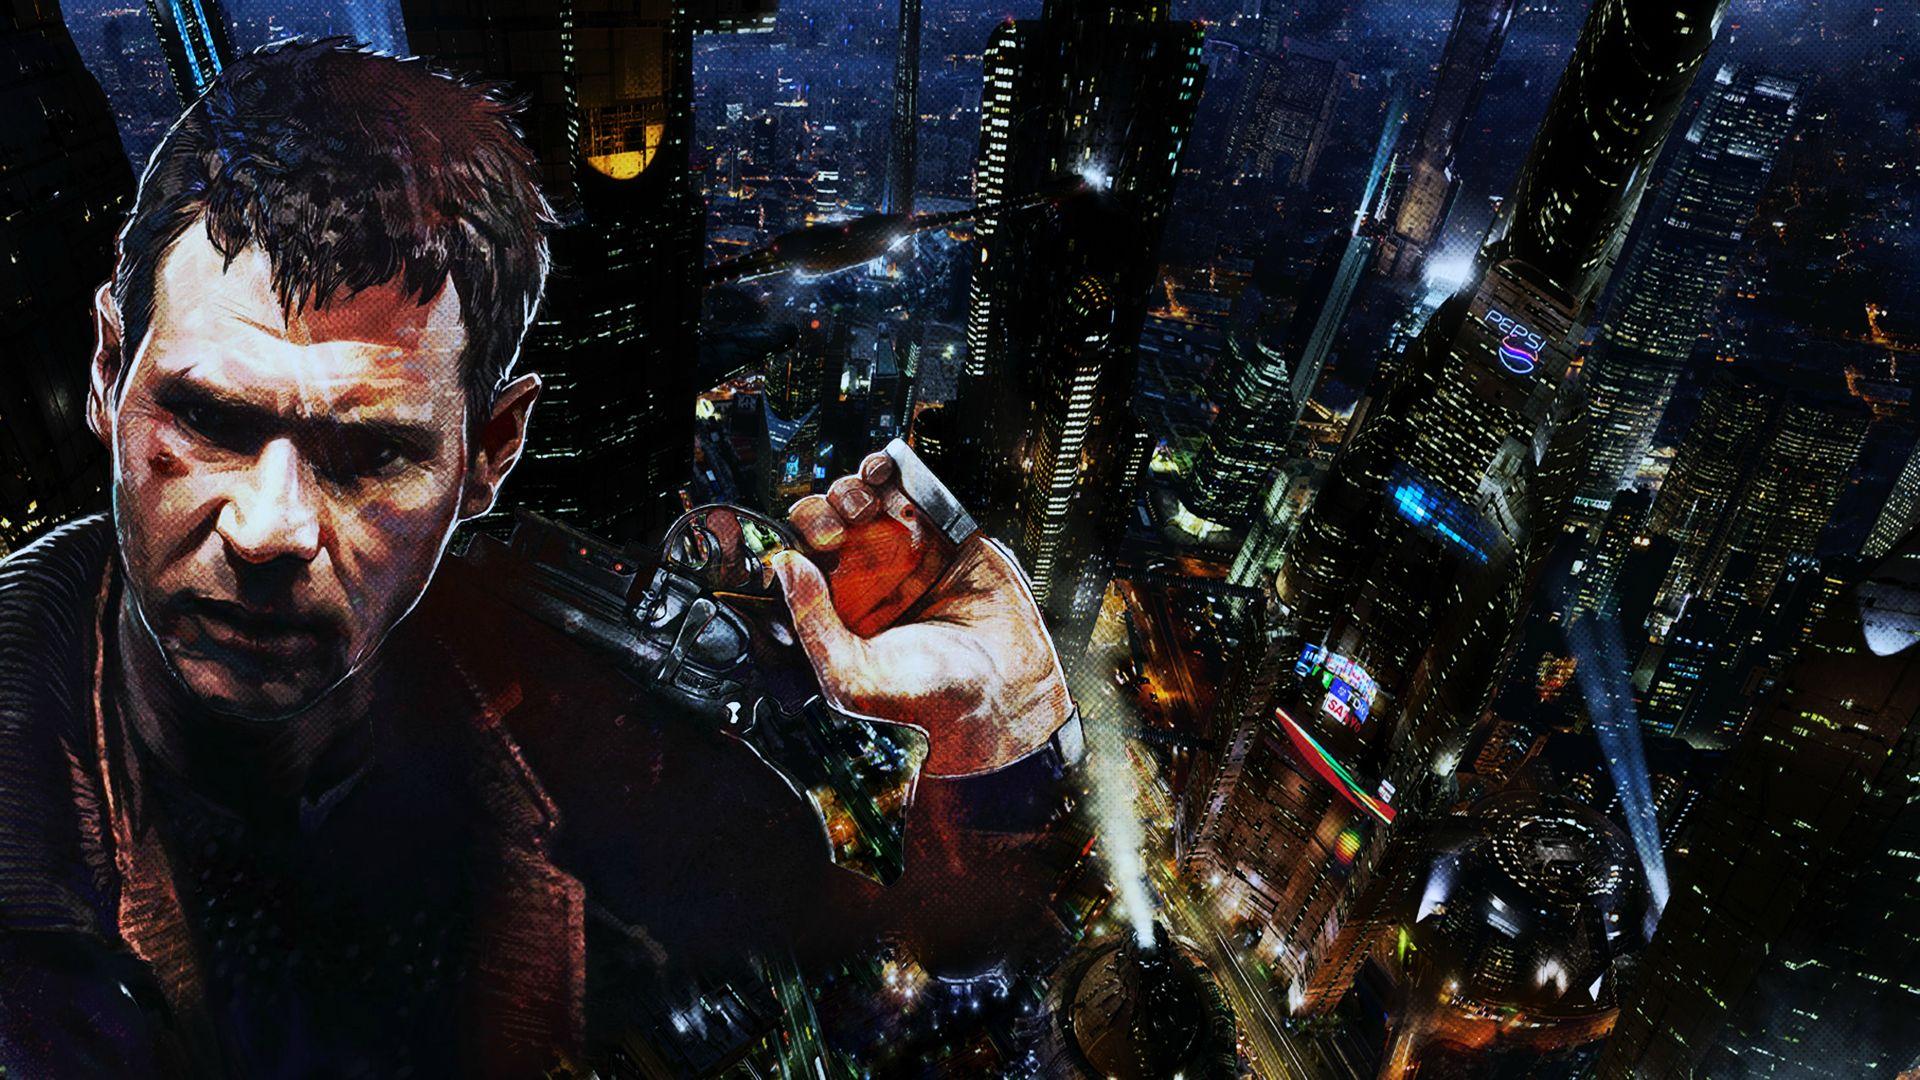 Blade Runner [1920x1080] iimgurcom 1920x1080